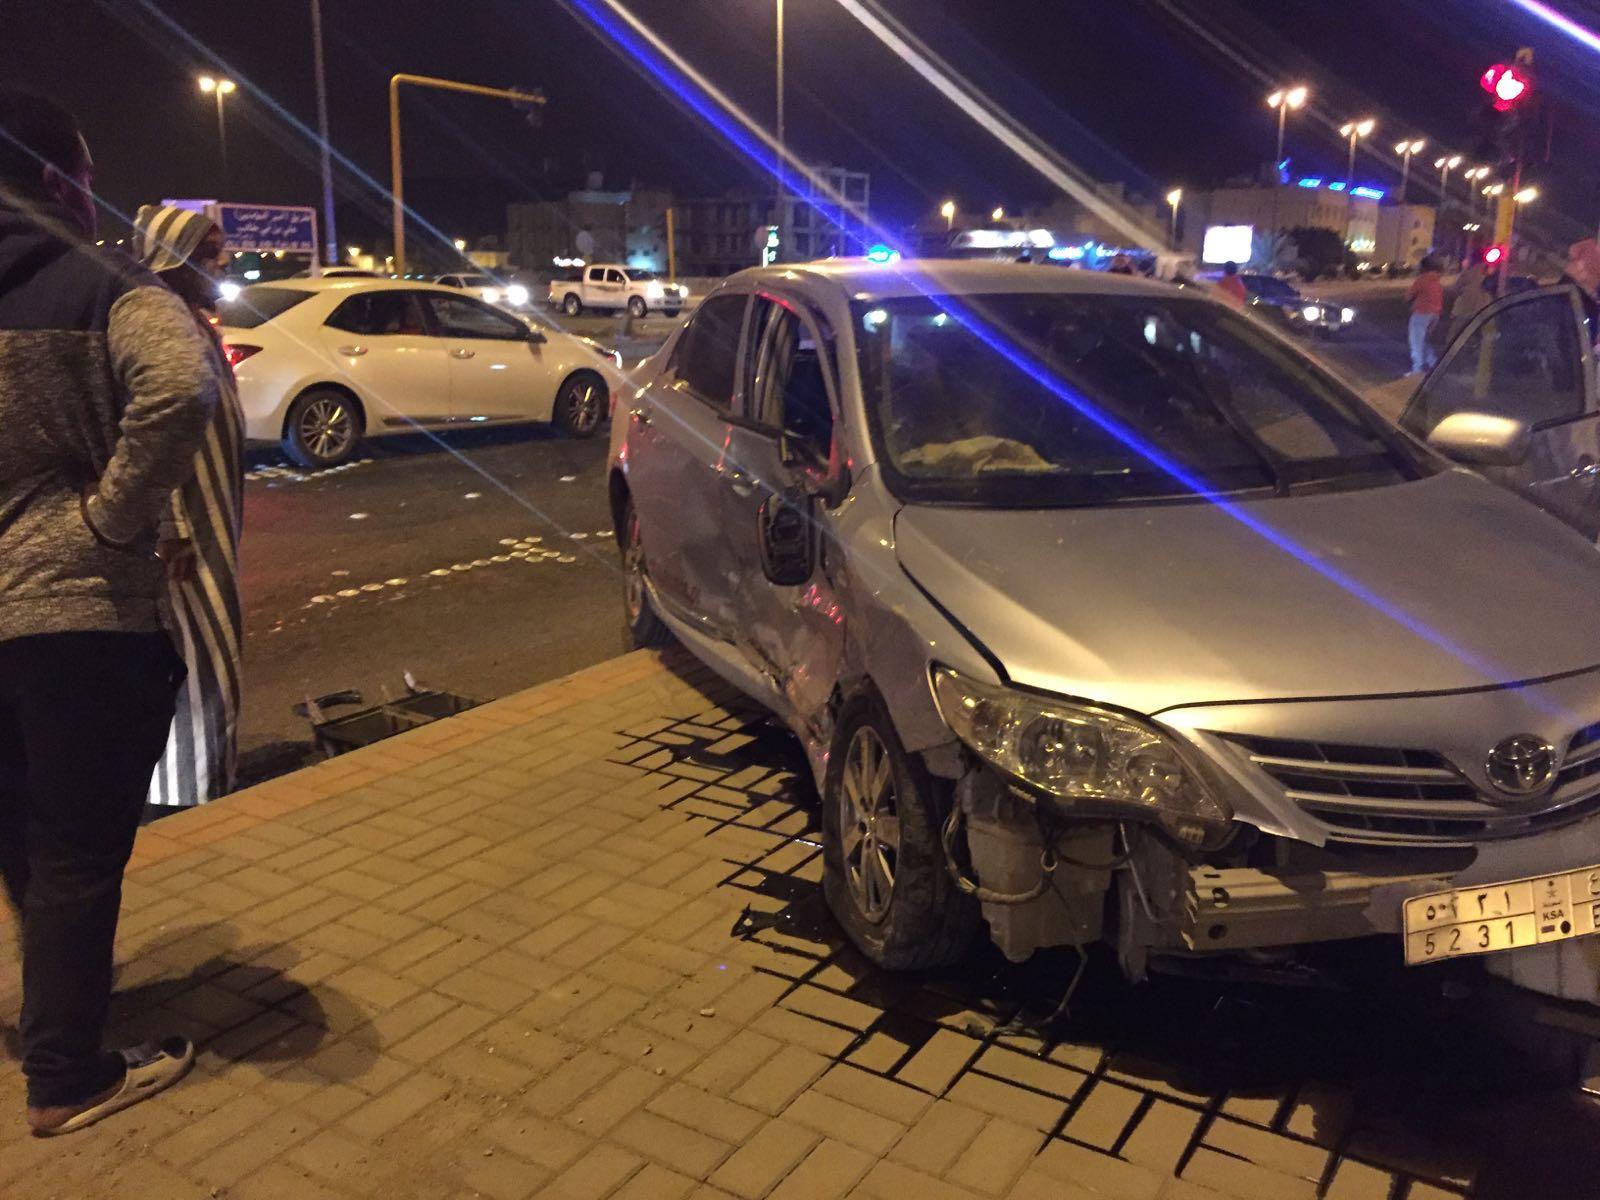 حادث تصادم بطريق الهجرة (5)